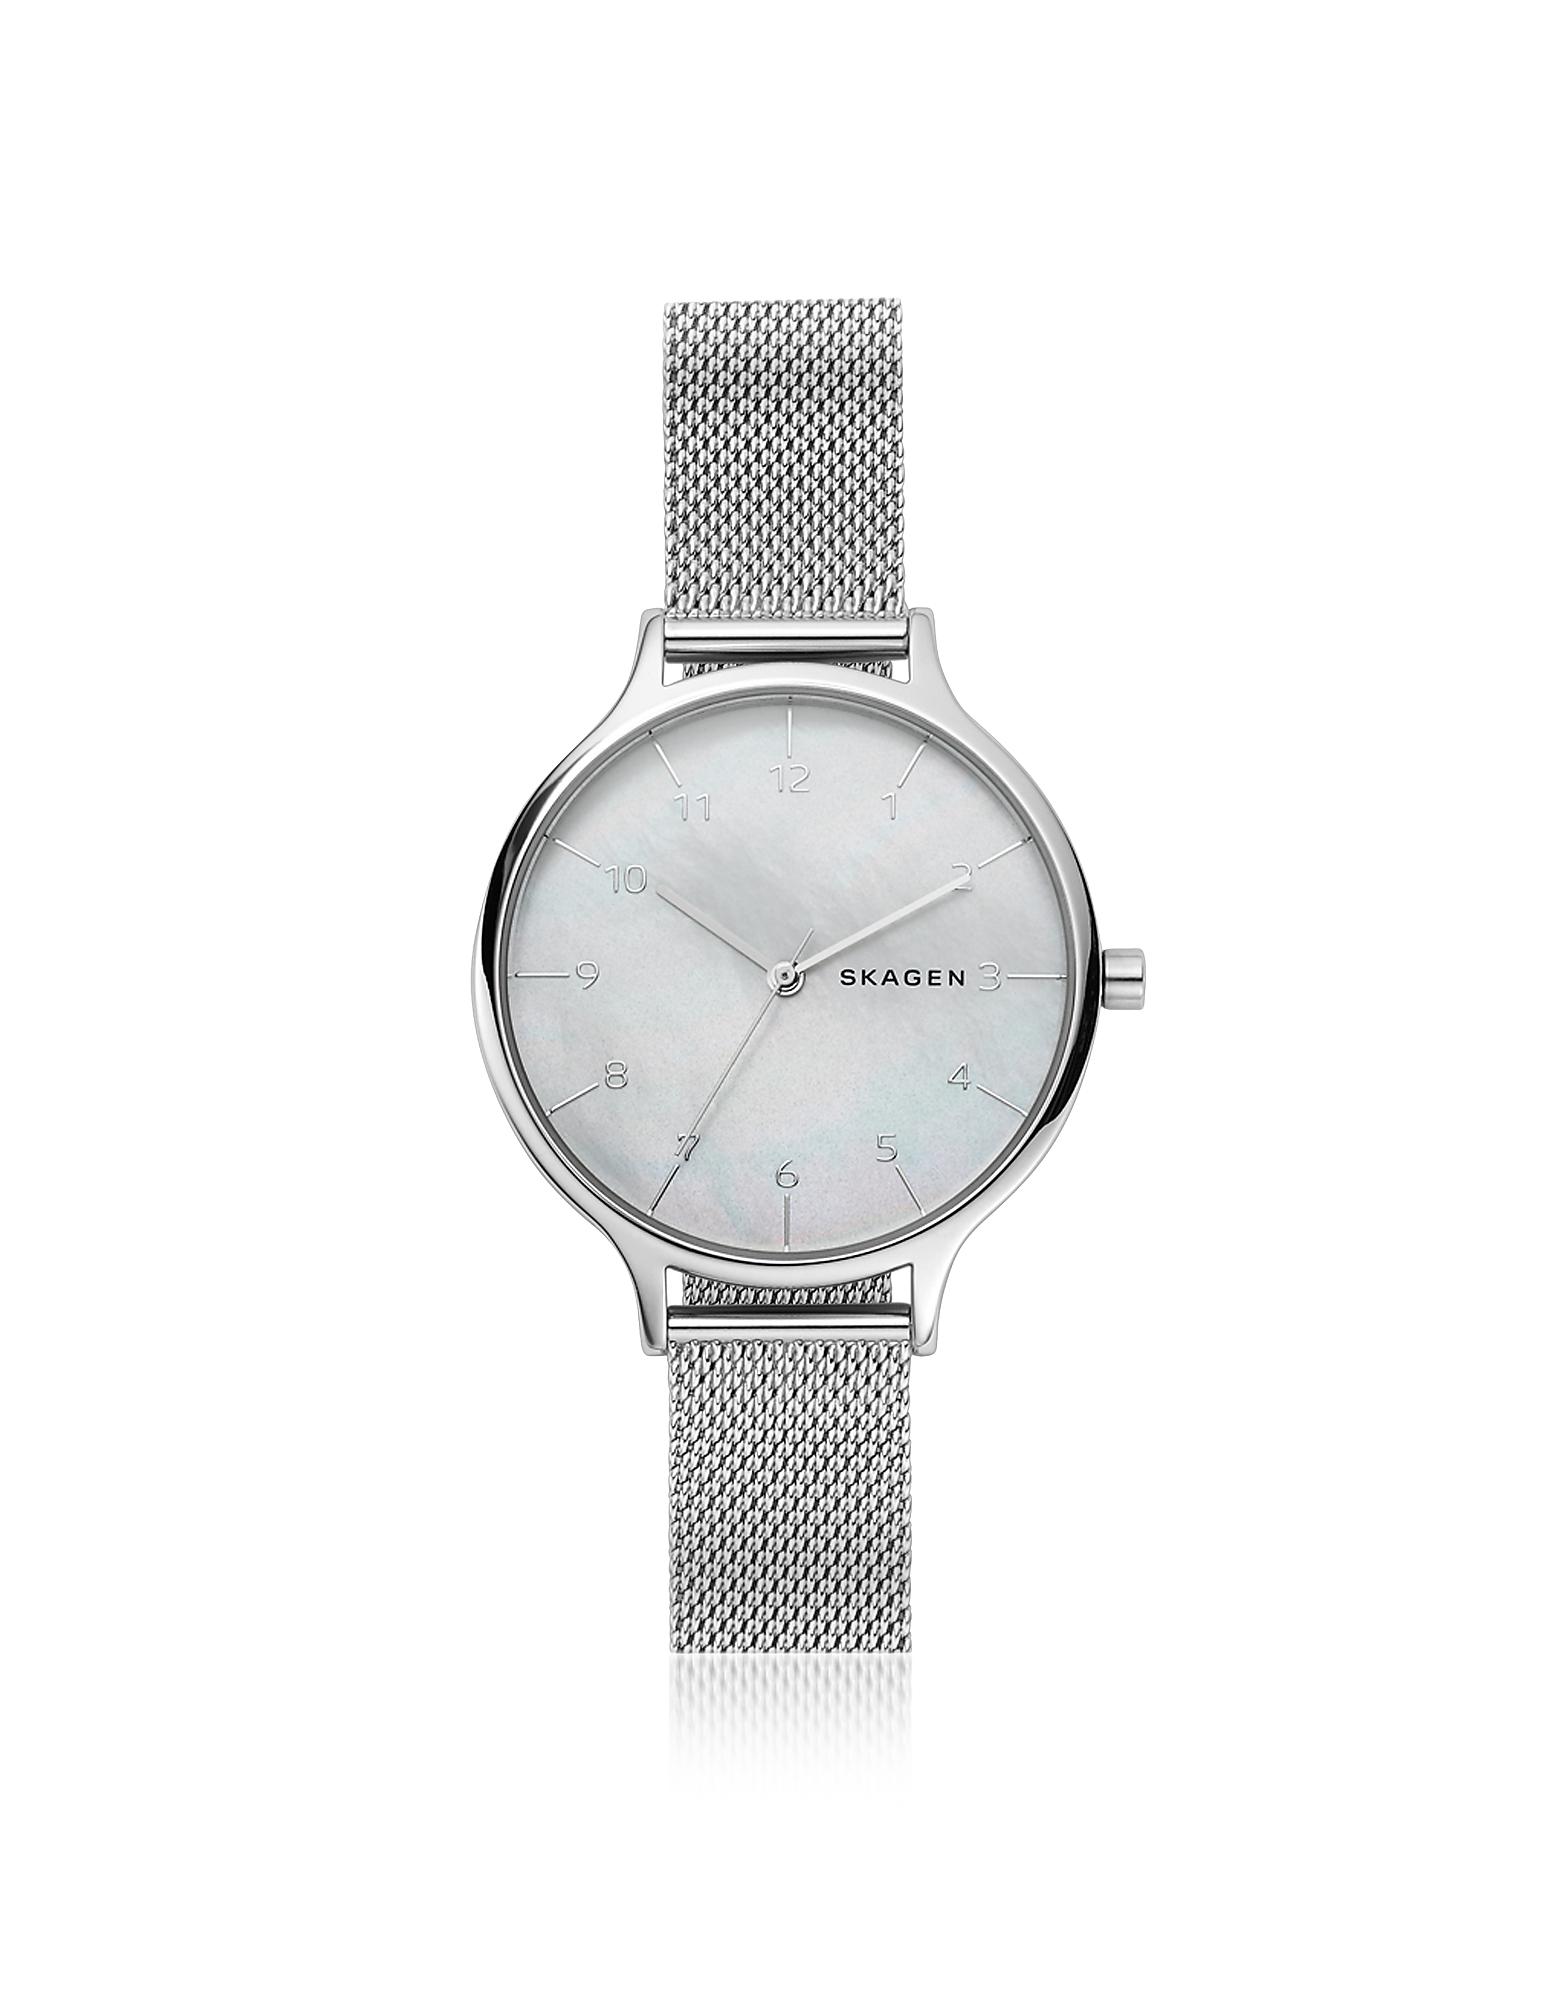 Skagen Women's Watches, Anita Steel-Mesh Mother of Pearl Women's Watch